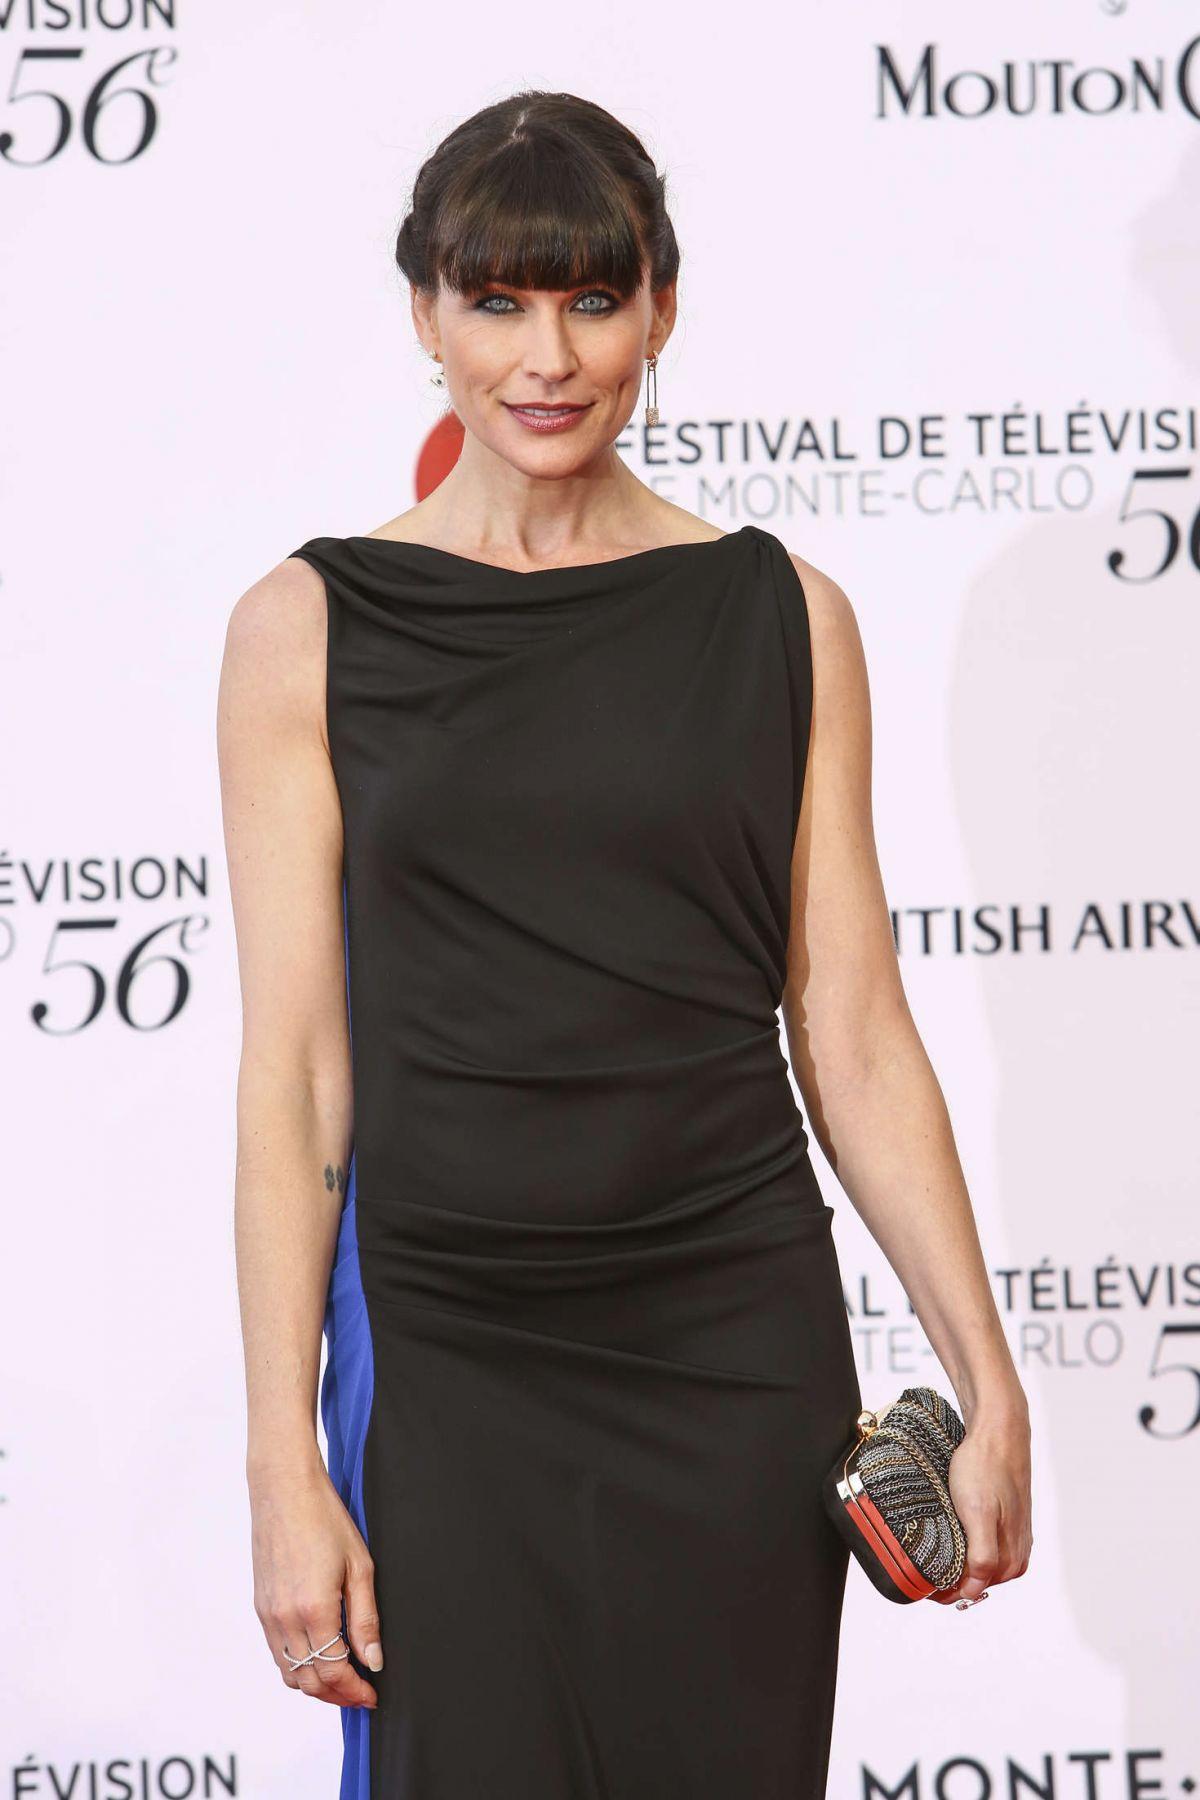 RENA SOFER at 56th Monte-Carlo Television Festival in Monaco 06/12/2016